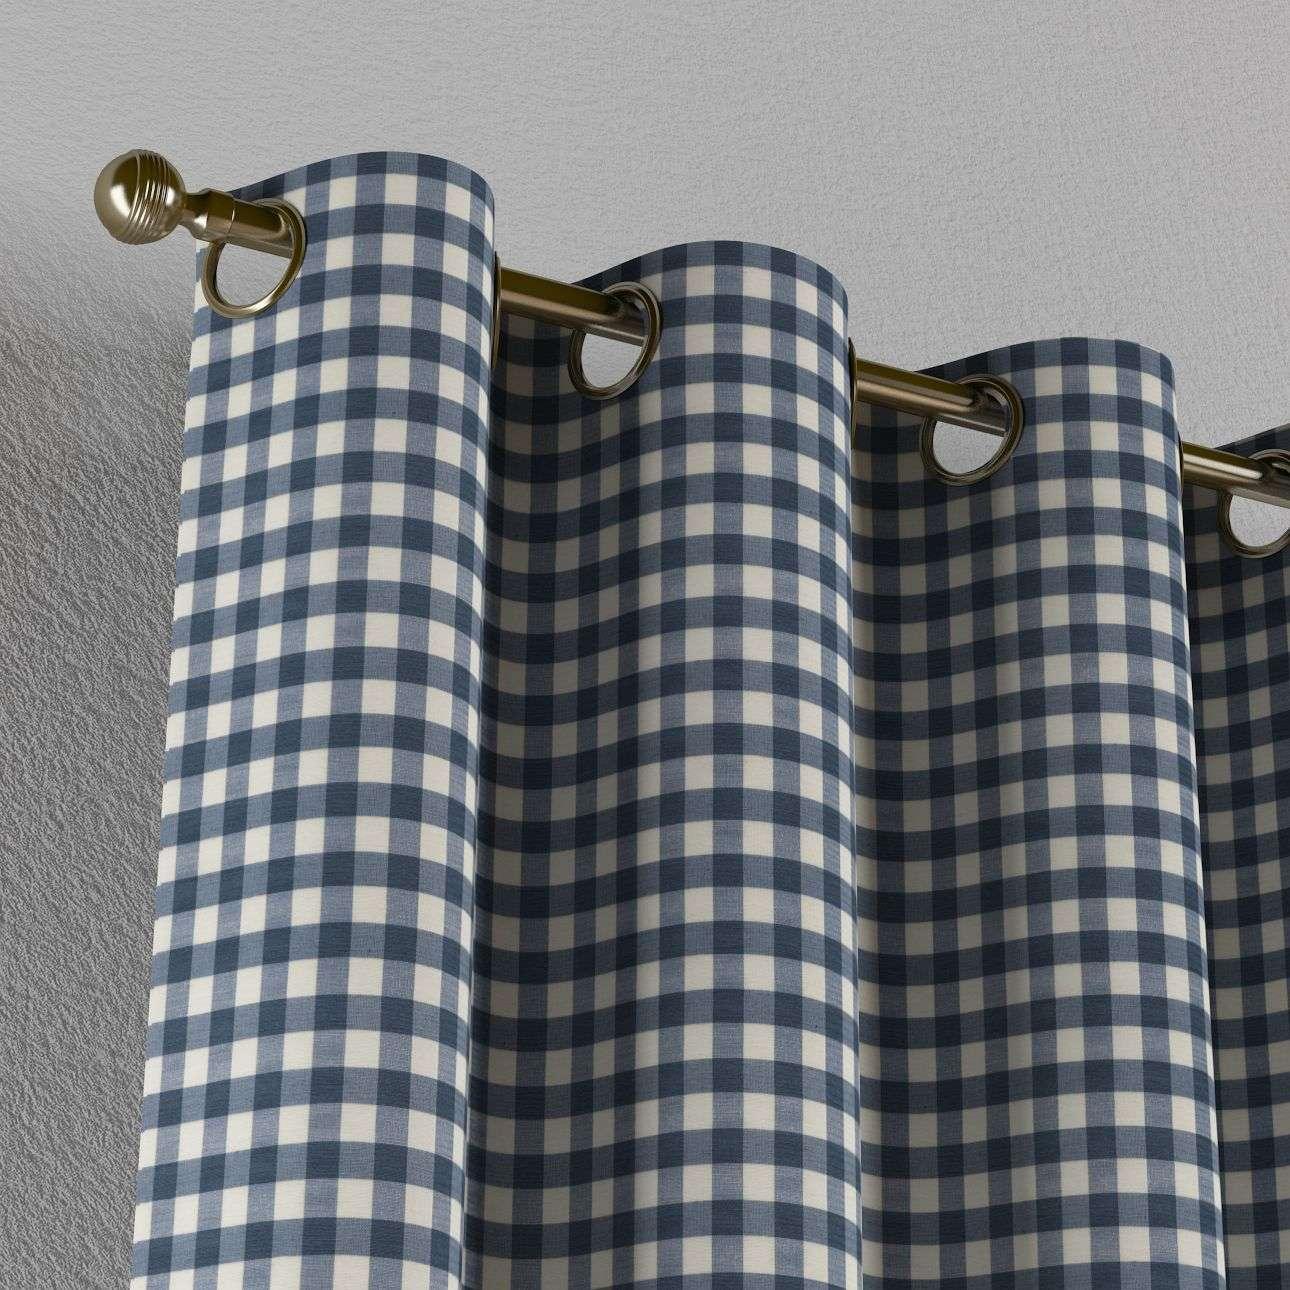 Zasłona na kółkach 1 szt. w kolekcji Quadro, tkanina: 136-01